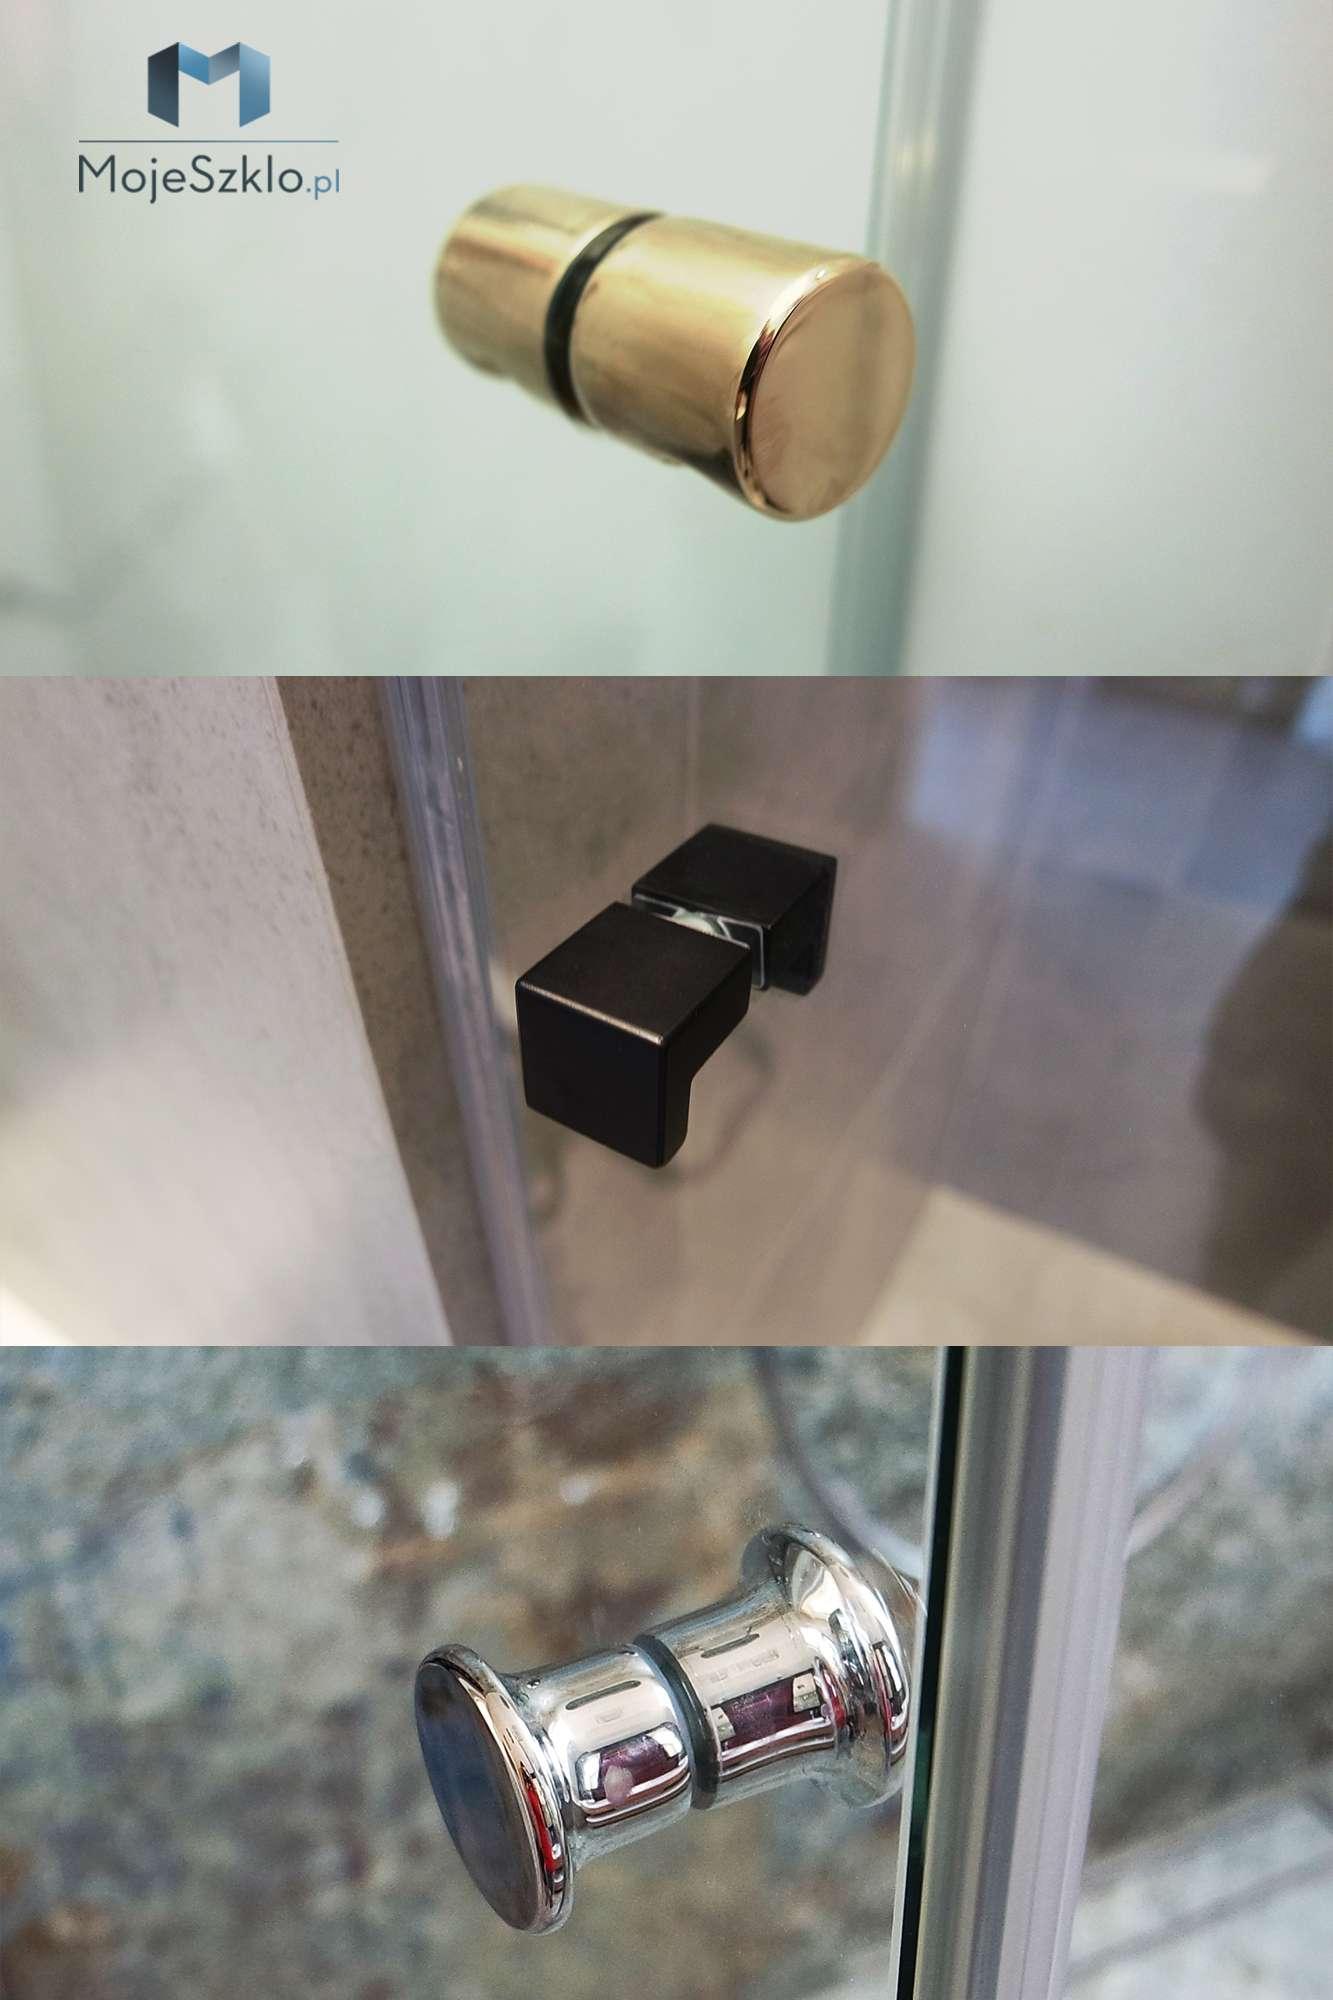 Drzwi Prysznicowe Galki Uchwyty Krakow - Drzwi prysznicowe do kabiny na wymiar